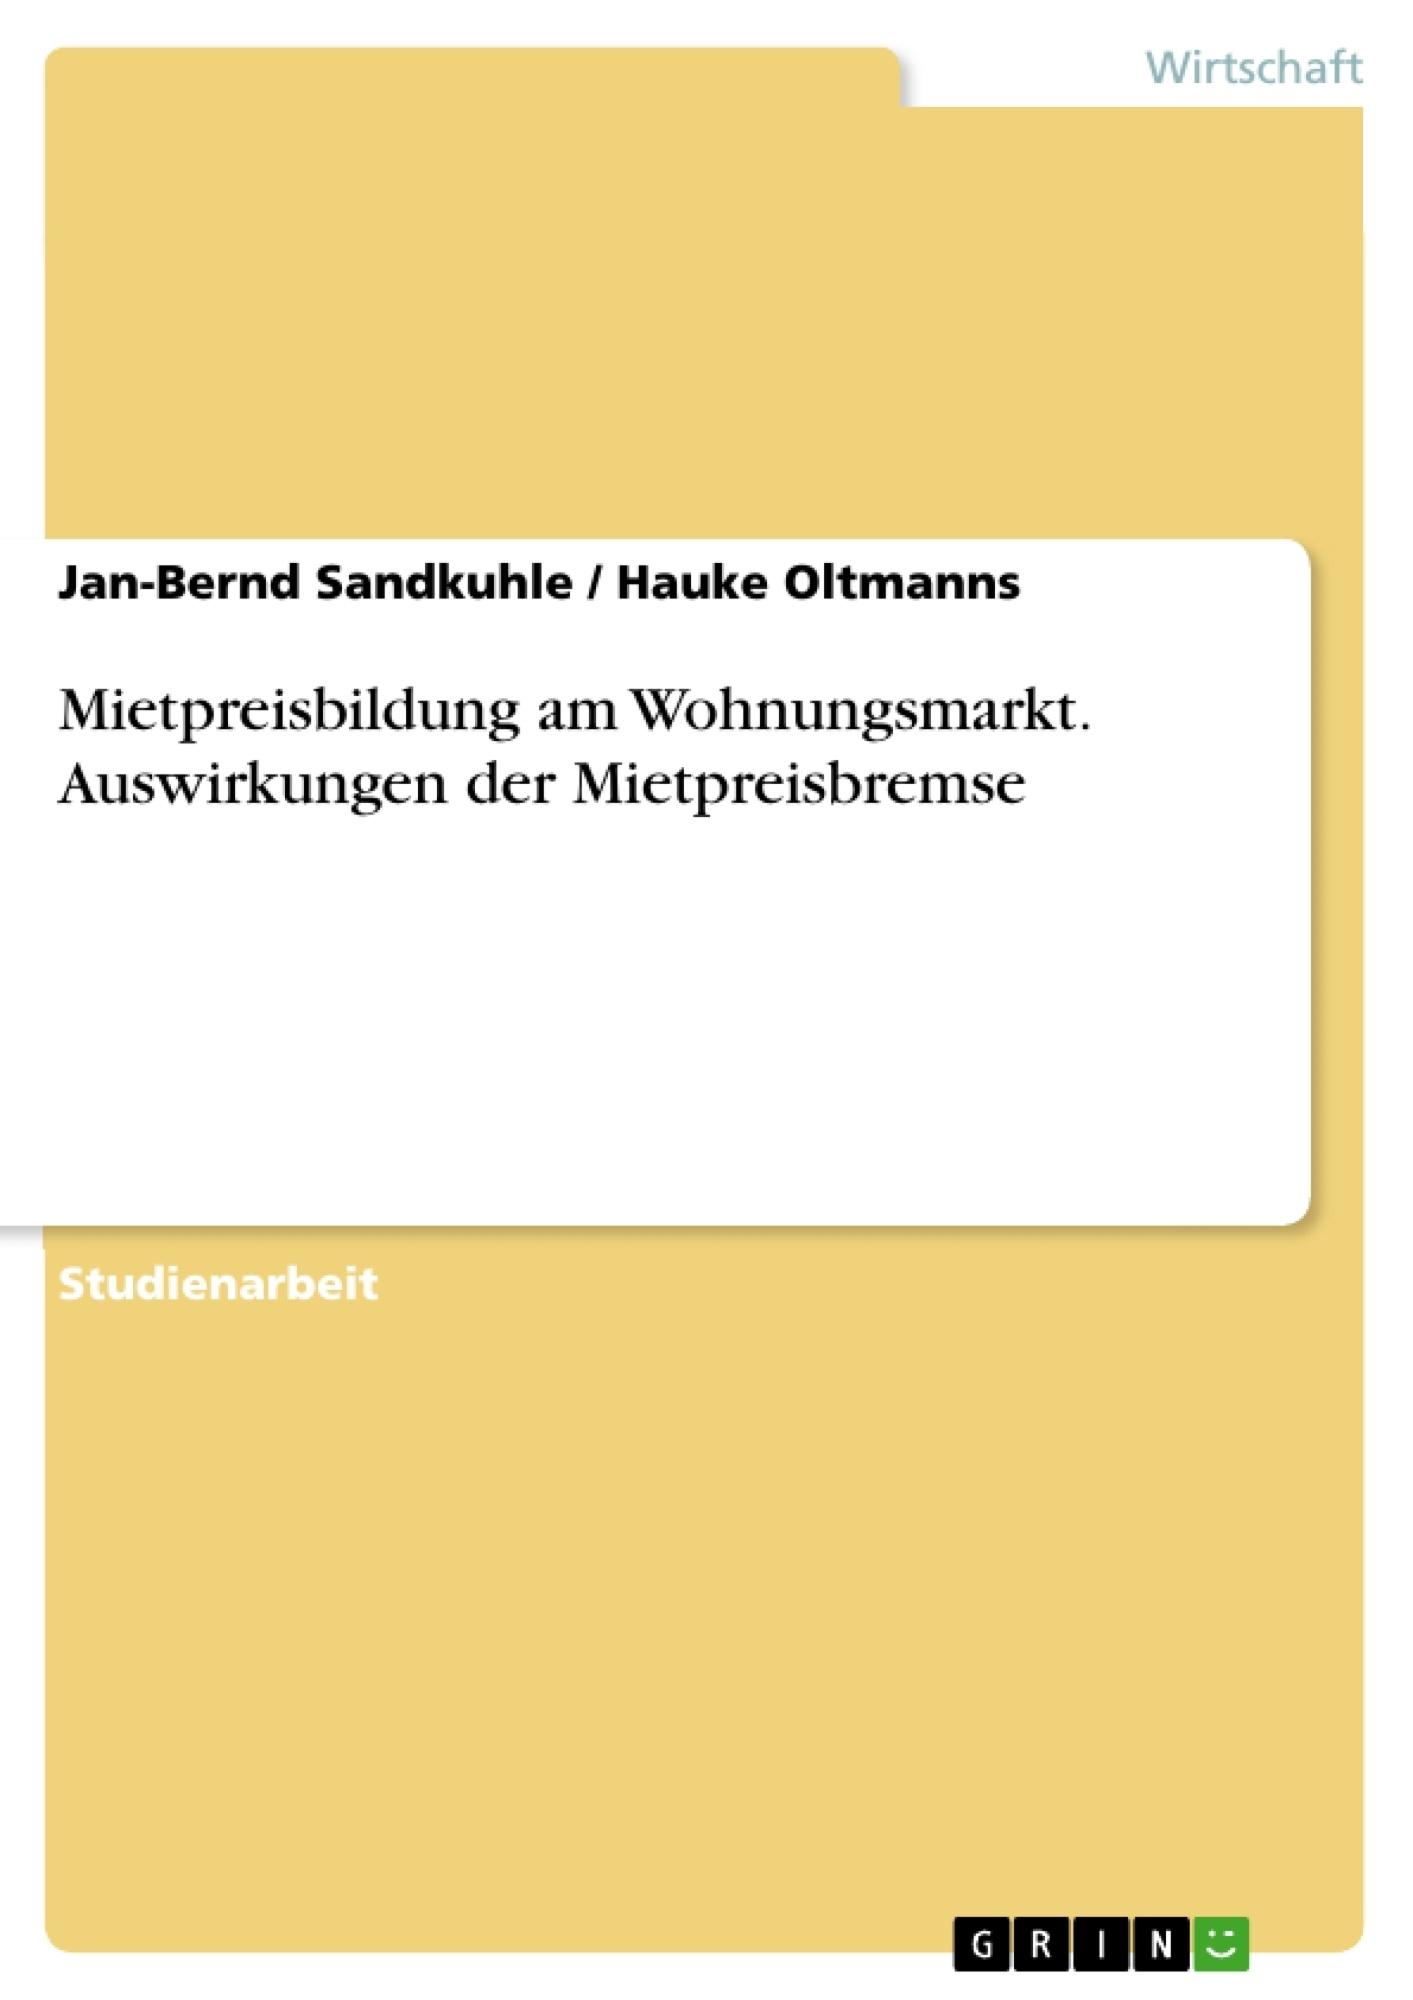 Schön Bohn Verdampfer Schaltplan Zeitgenössisch - Die Besten ...